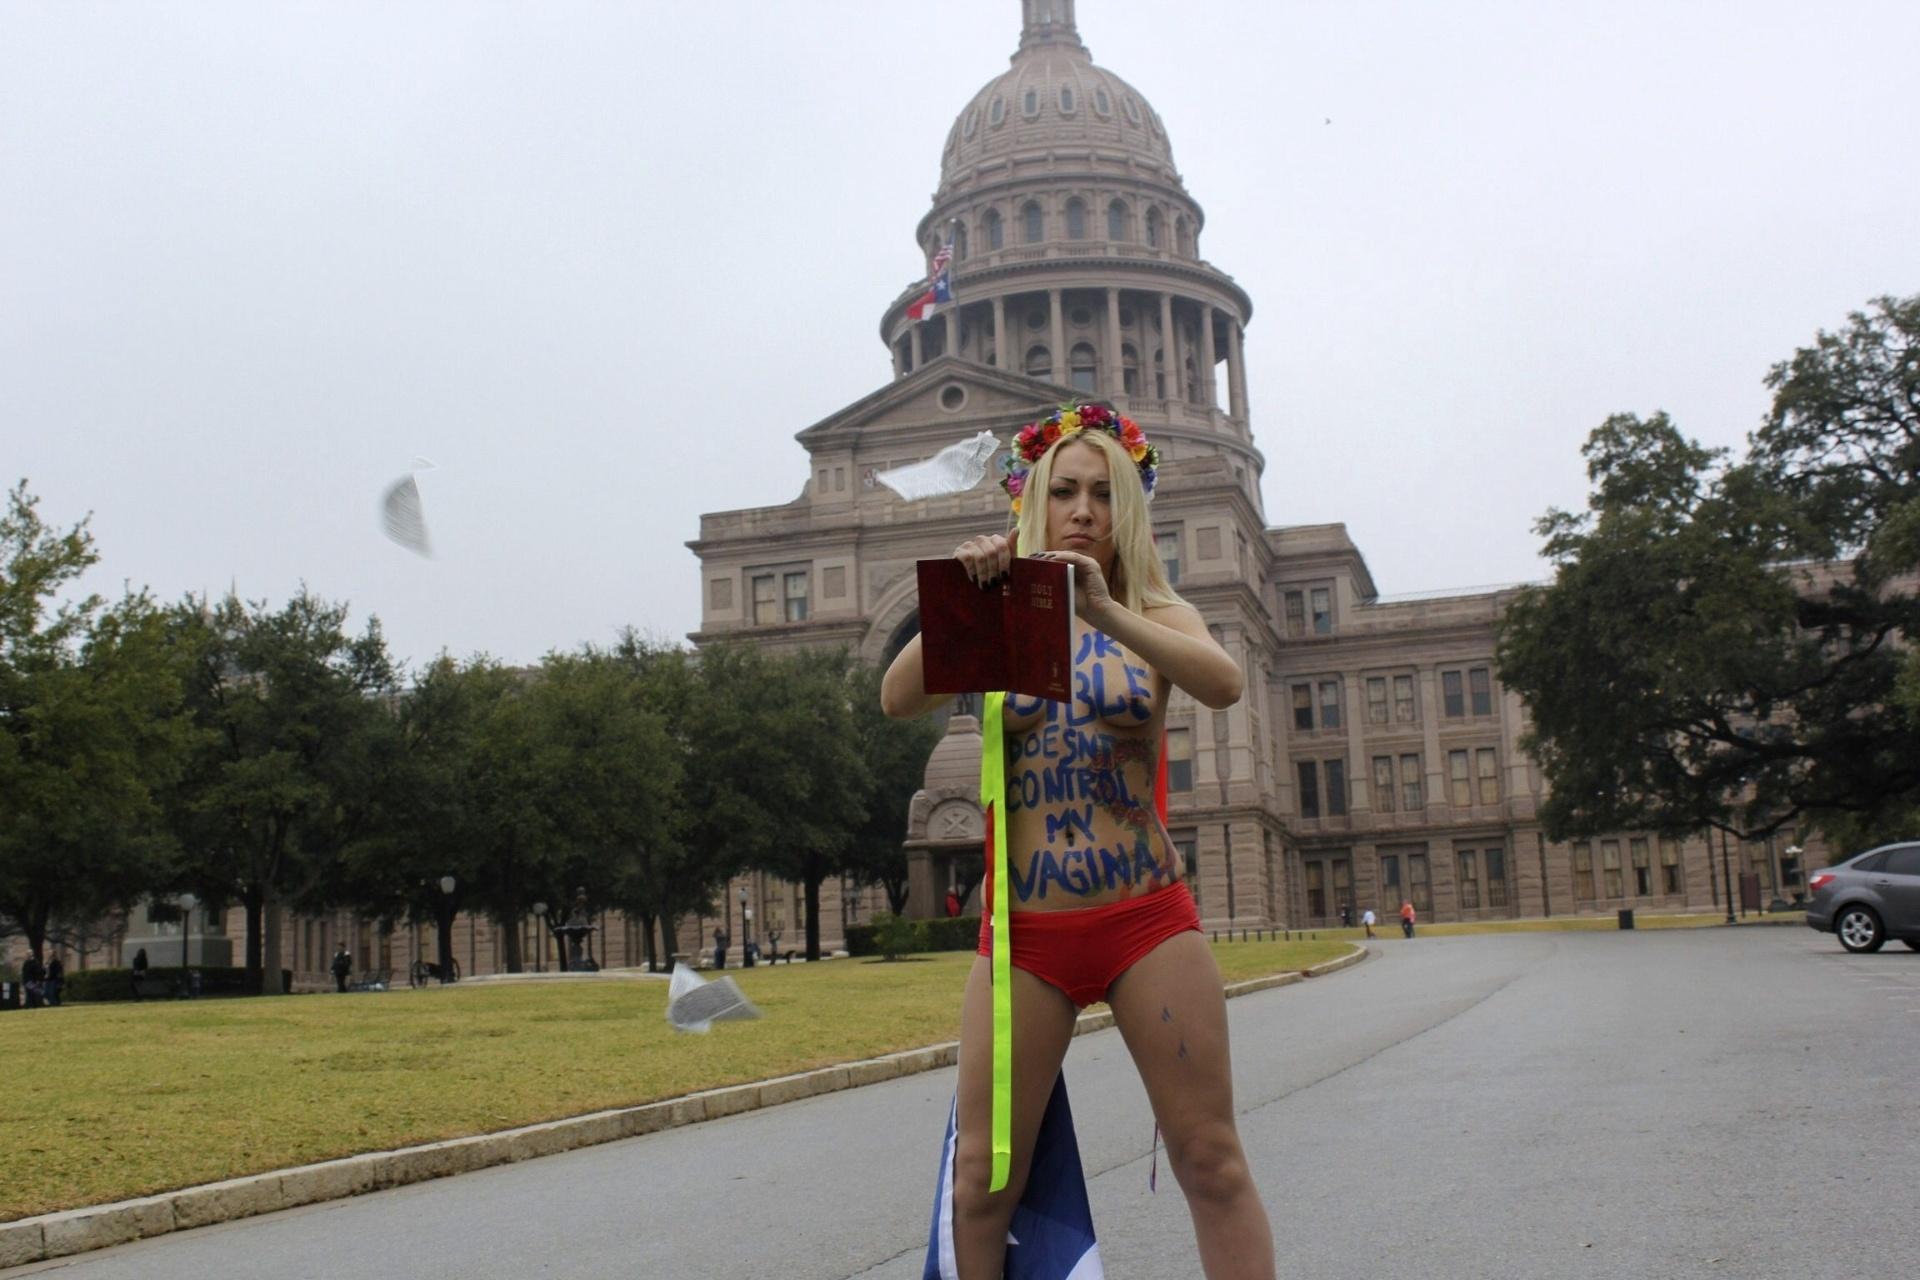 8.mar.2014 - Uma das líderes do movimento feminista Femen, a ucraniana Inna Shevchenko, protestou contra a lei que restringe o aborto neste Estado, em frente ao Capitólio do Texas, nos Estados Unidos, coincidindo com o Dia Internacional da Mulher